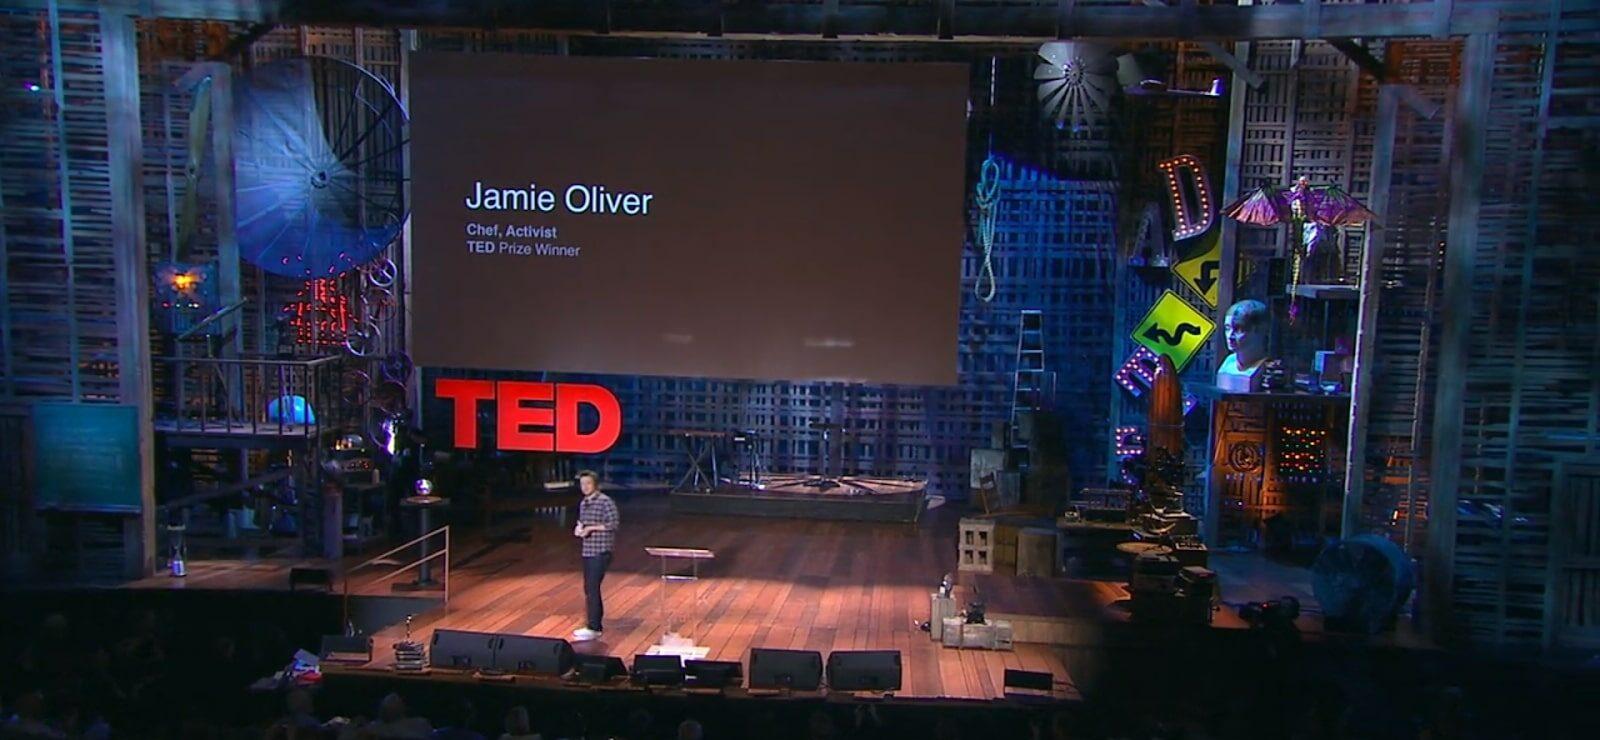 Jamie Oliver TED előadásának összetevői